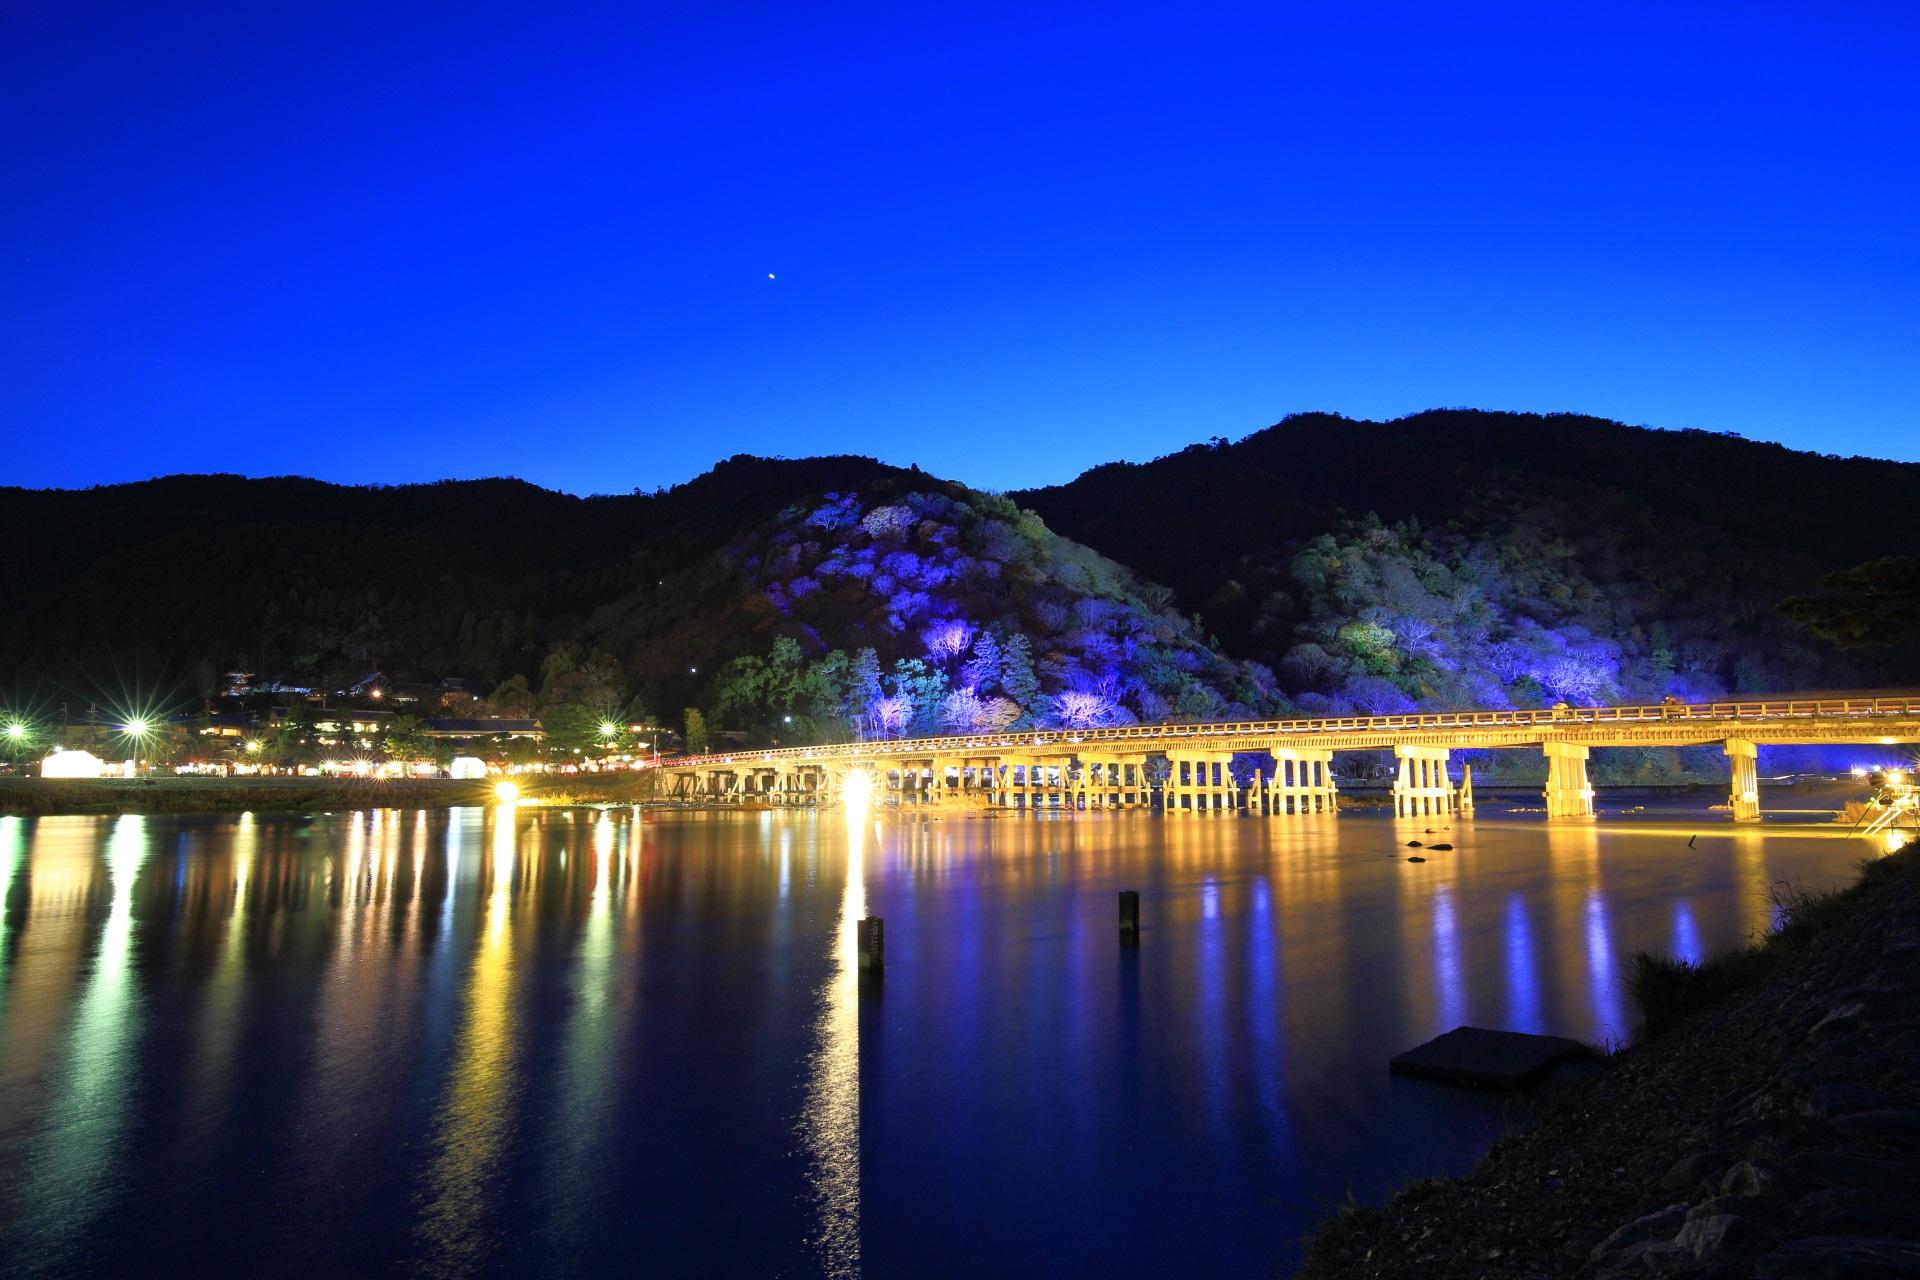 嵐山花灯路の幻想的な渡月橋のライトアップ